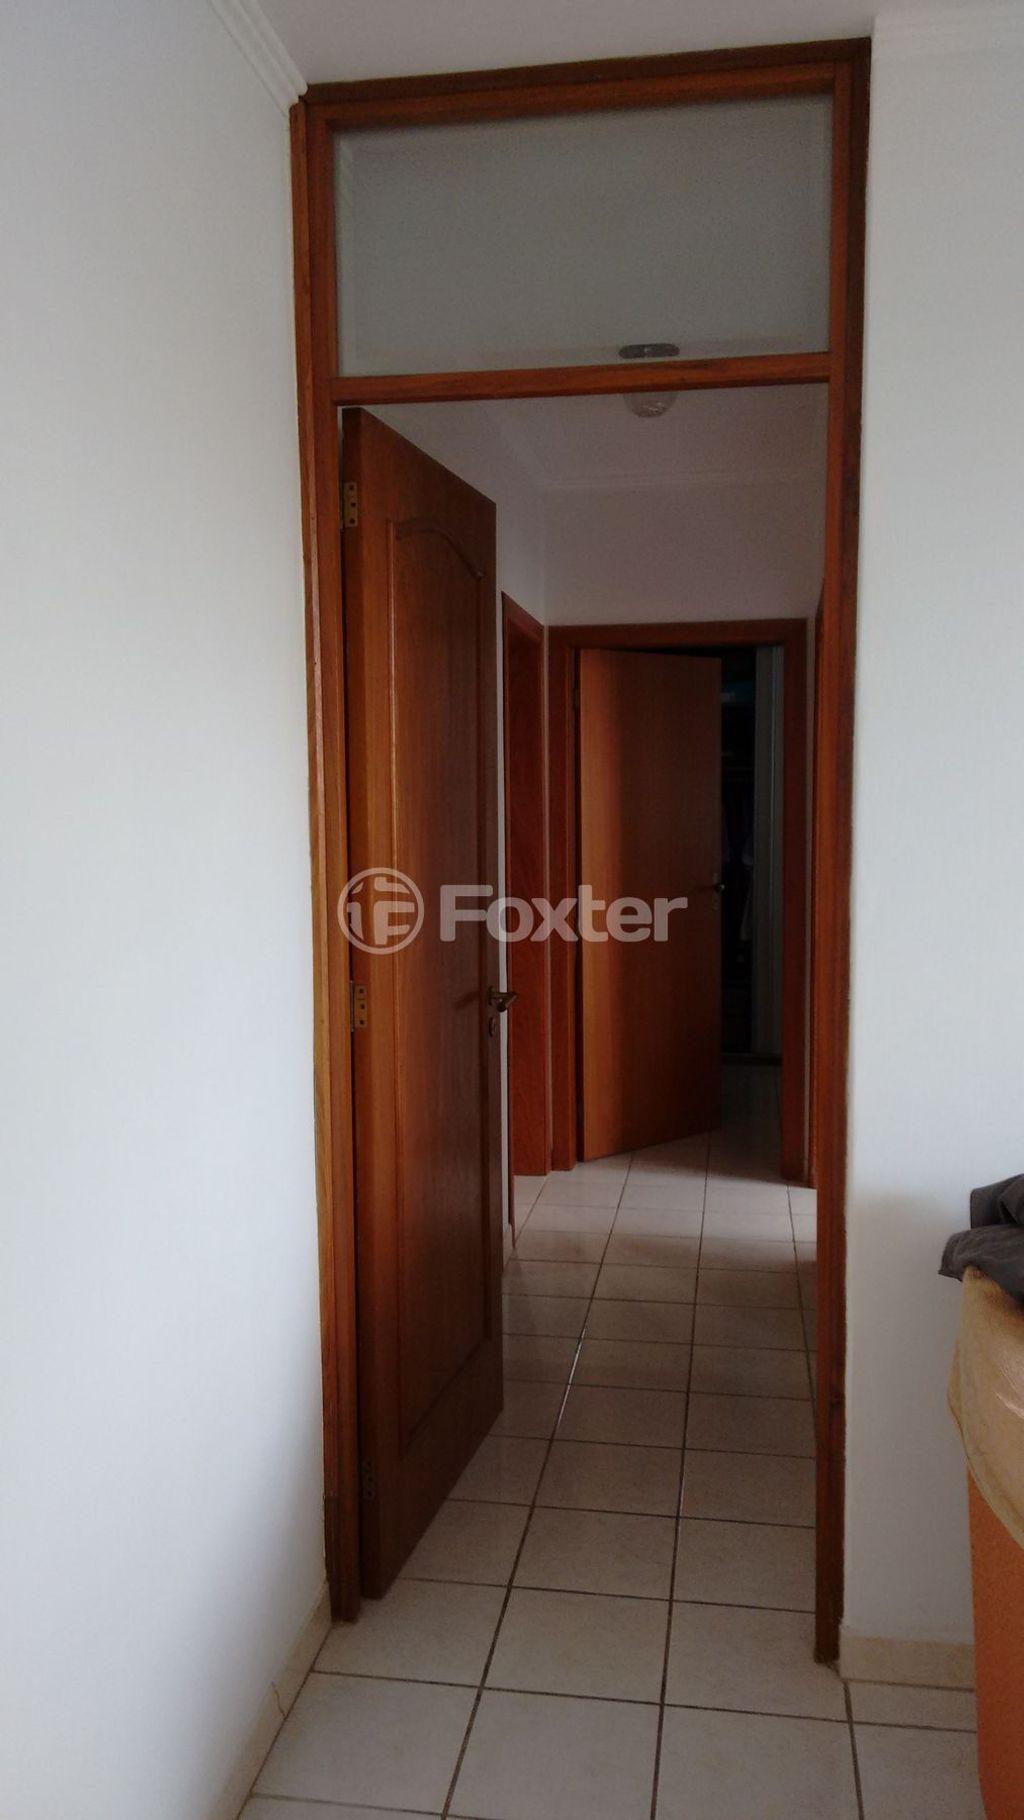 Foxter Imobiliária - Apto 3 Dorm, Sarandi (139776) - Foto 7